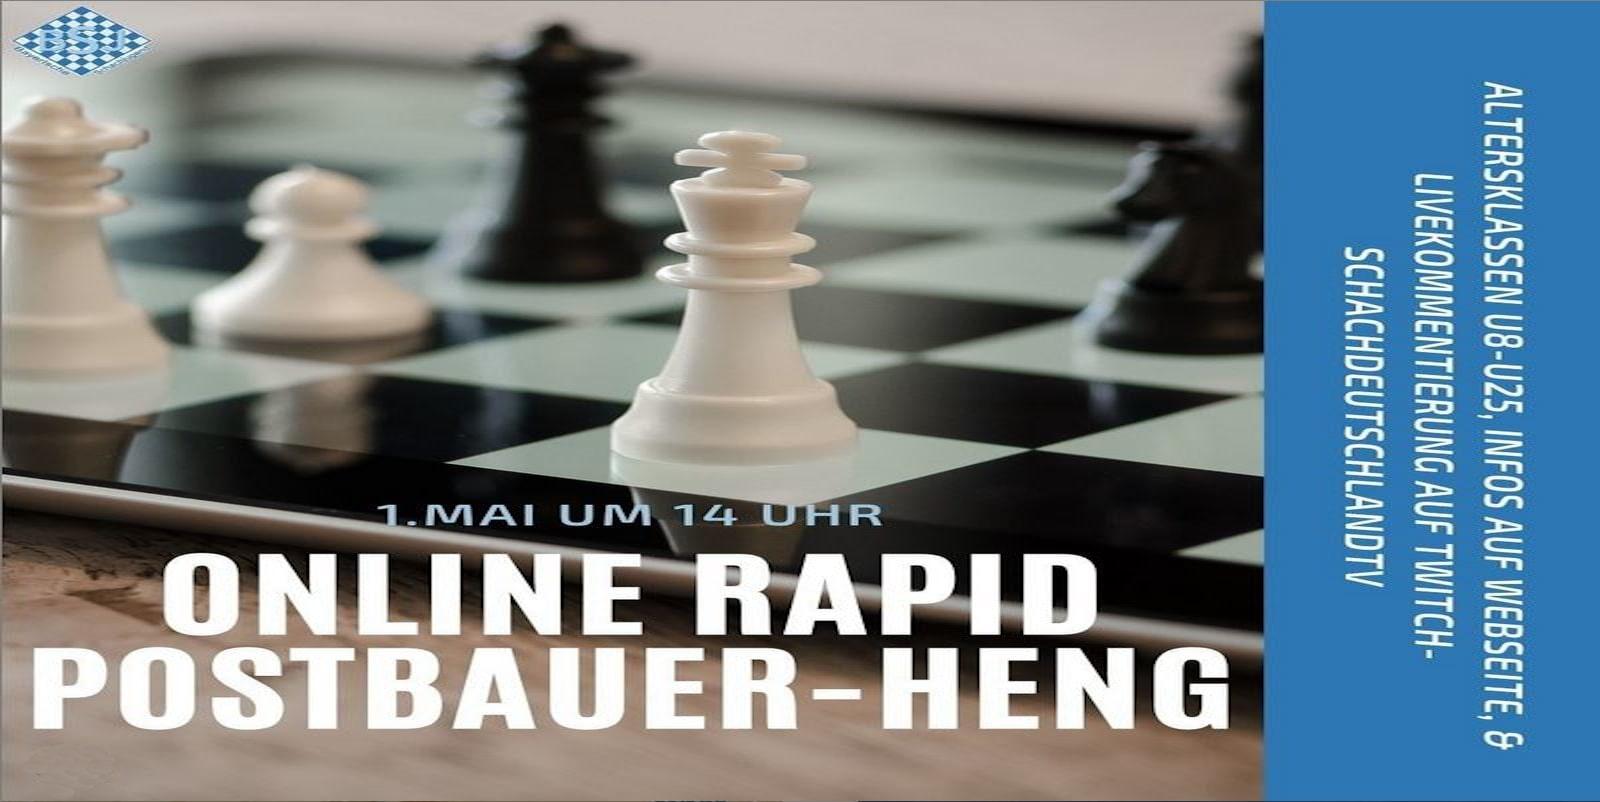 Online-Rapid Postbauer-Heng